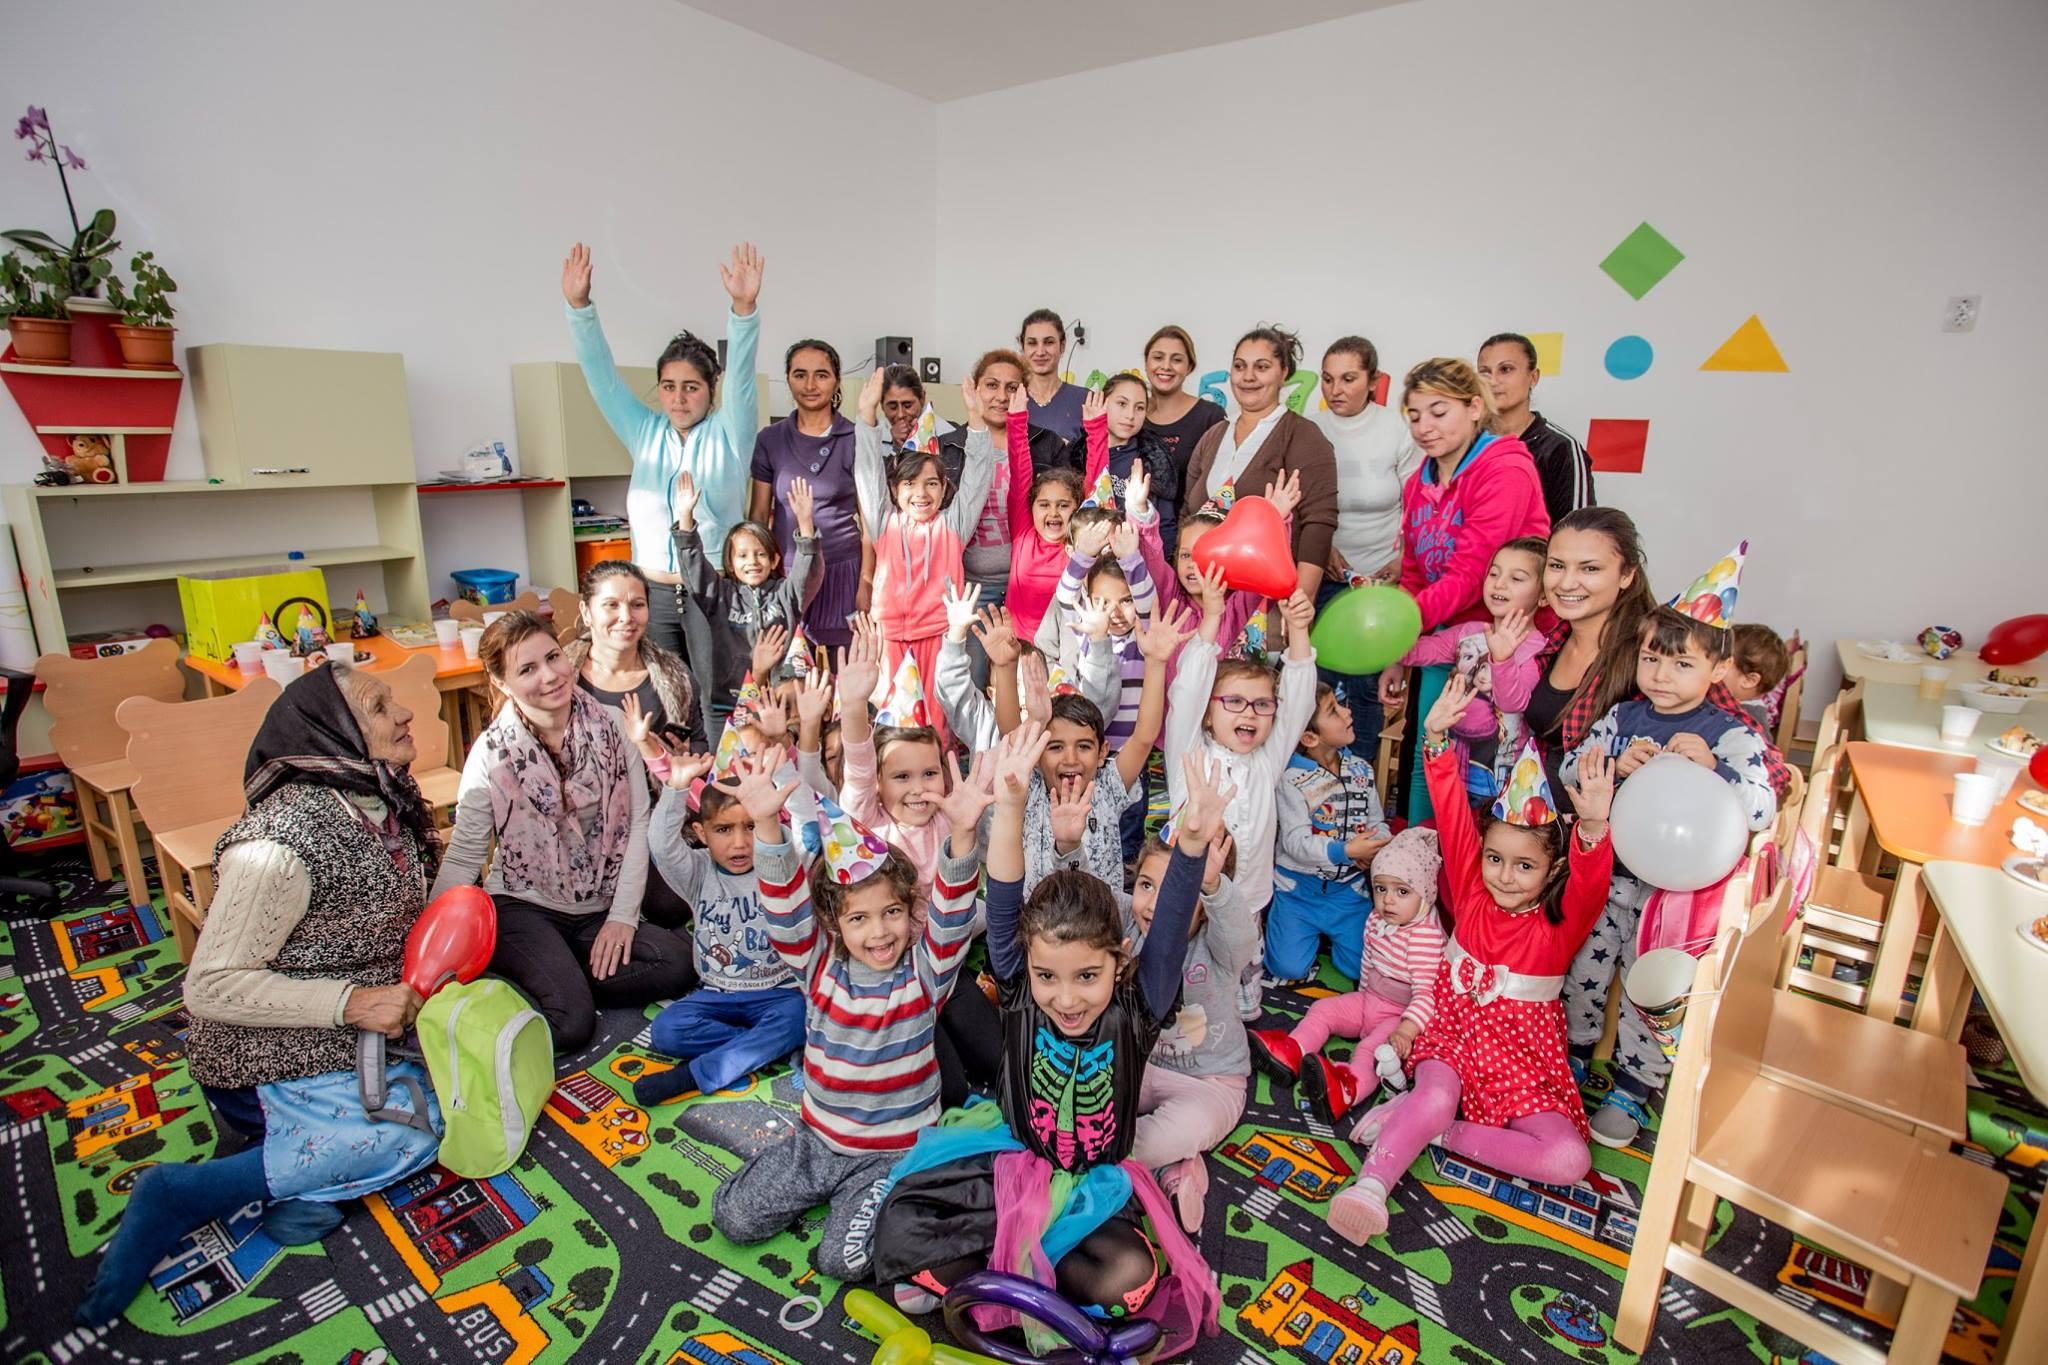 Pe locuri, fiti gata, start! - cresterea rezultatelor privind dezvoltarea timpurie a copiilor romi